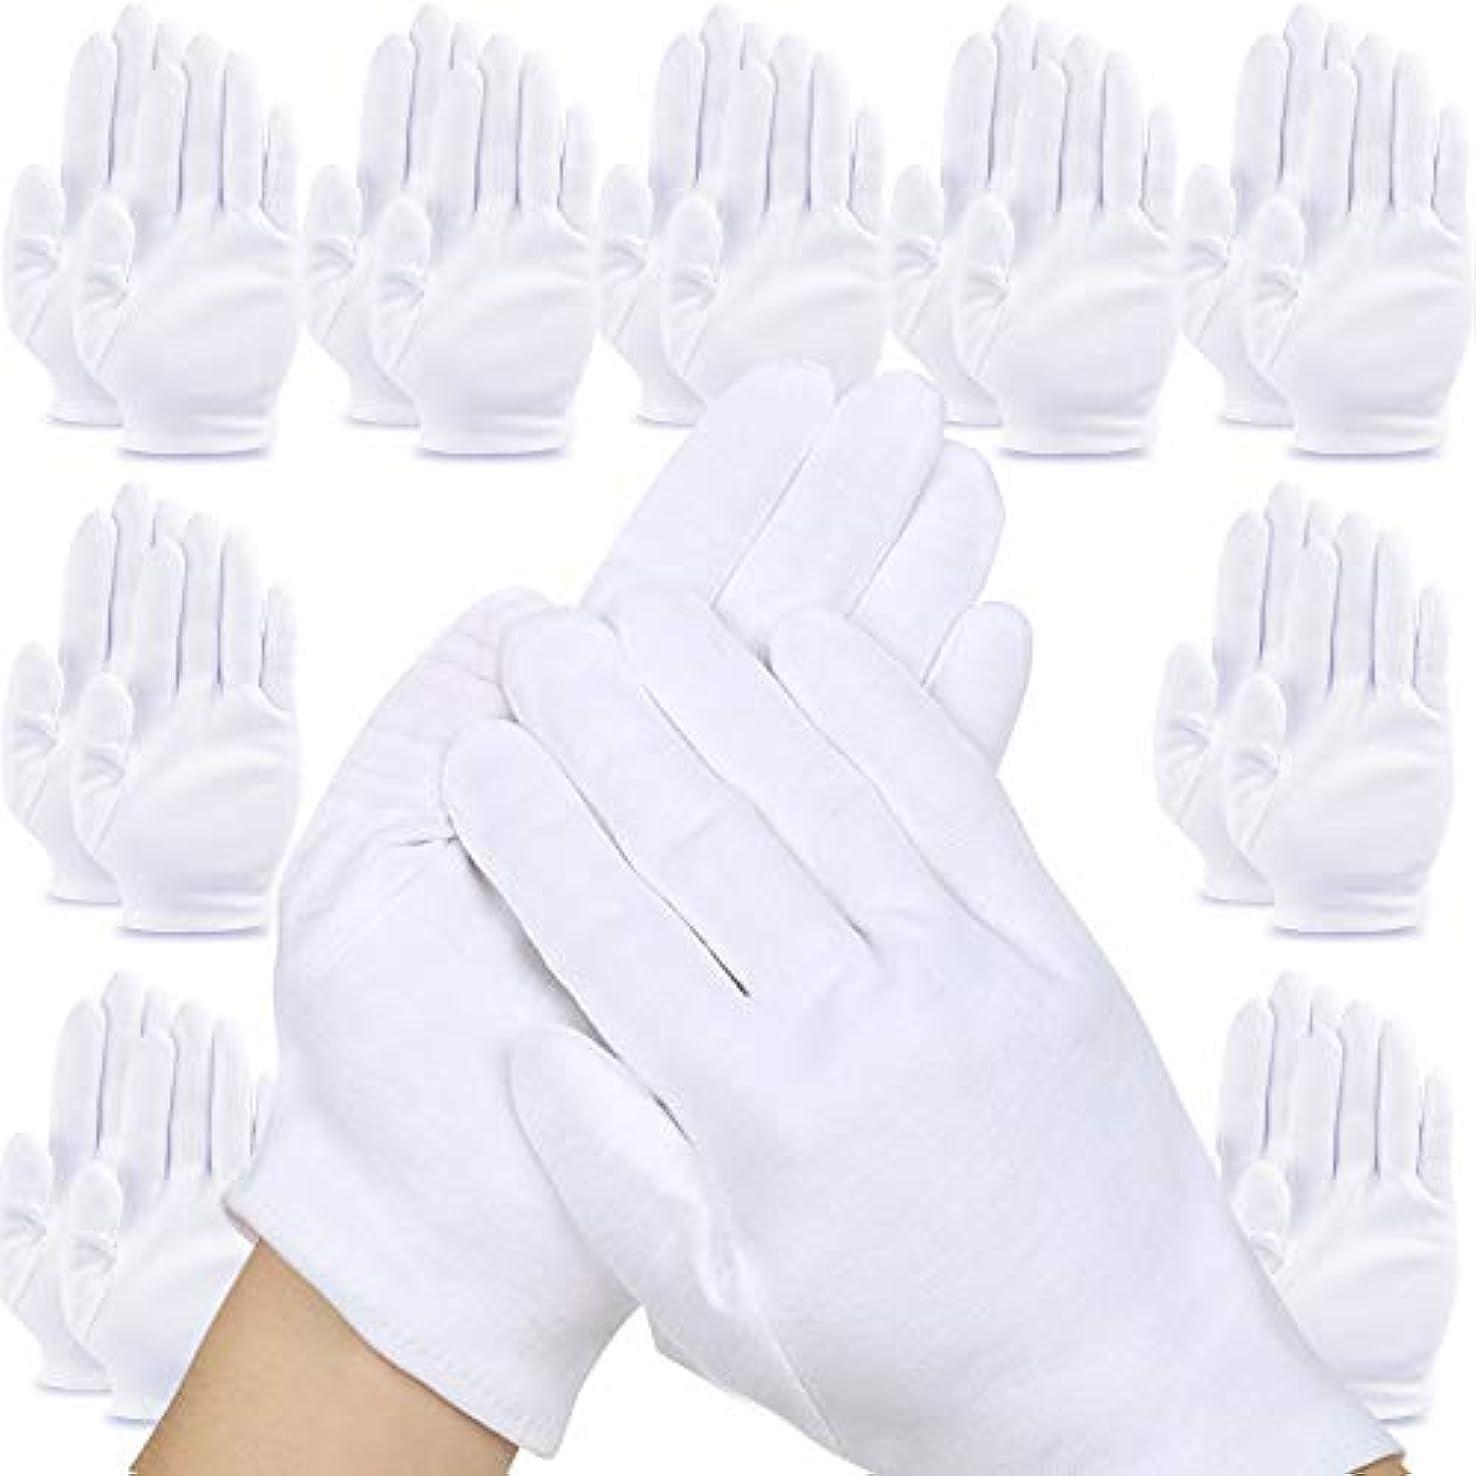 回転する素晴らしいです相反するコットン手袋 綿手袋 インナーコットン手袋 白手袋 20枚入り 手荒れ 手袋 Sサイズ おやすみ 手袋 湿疹用 乾燥肌用 保湿用 家事用 礼装用 ガーデニング用